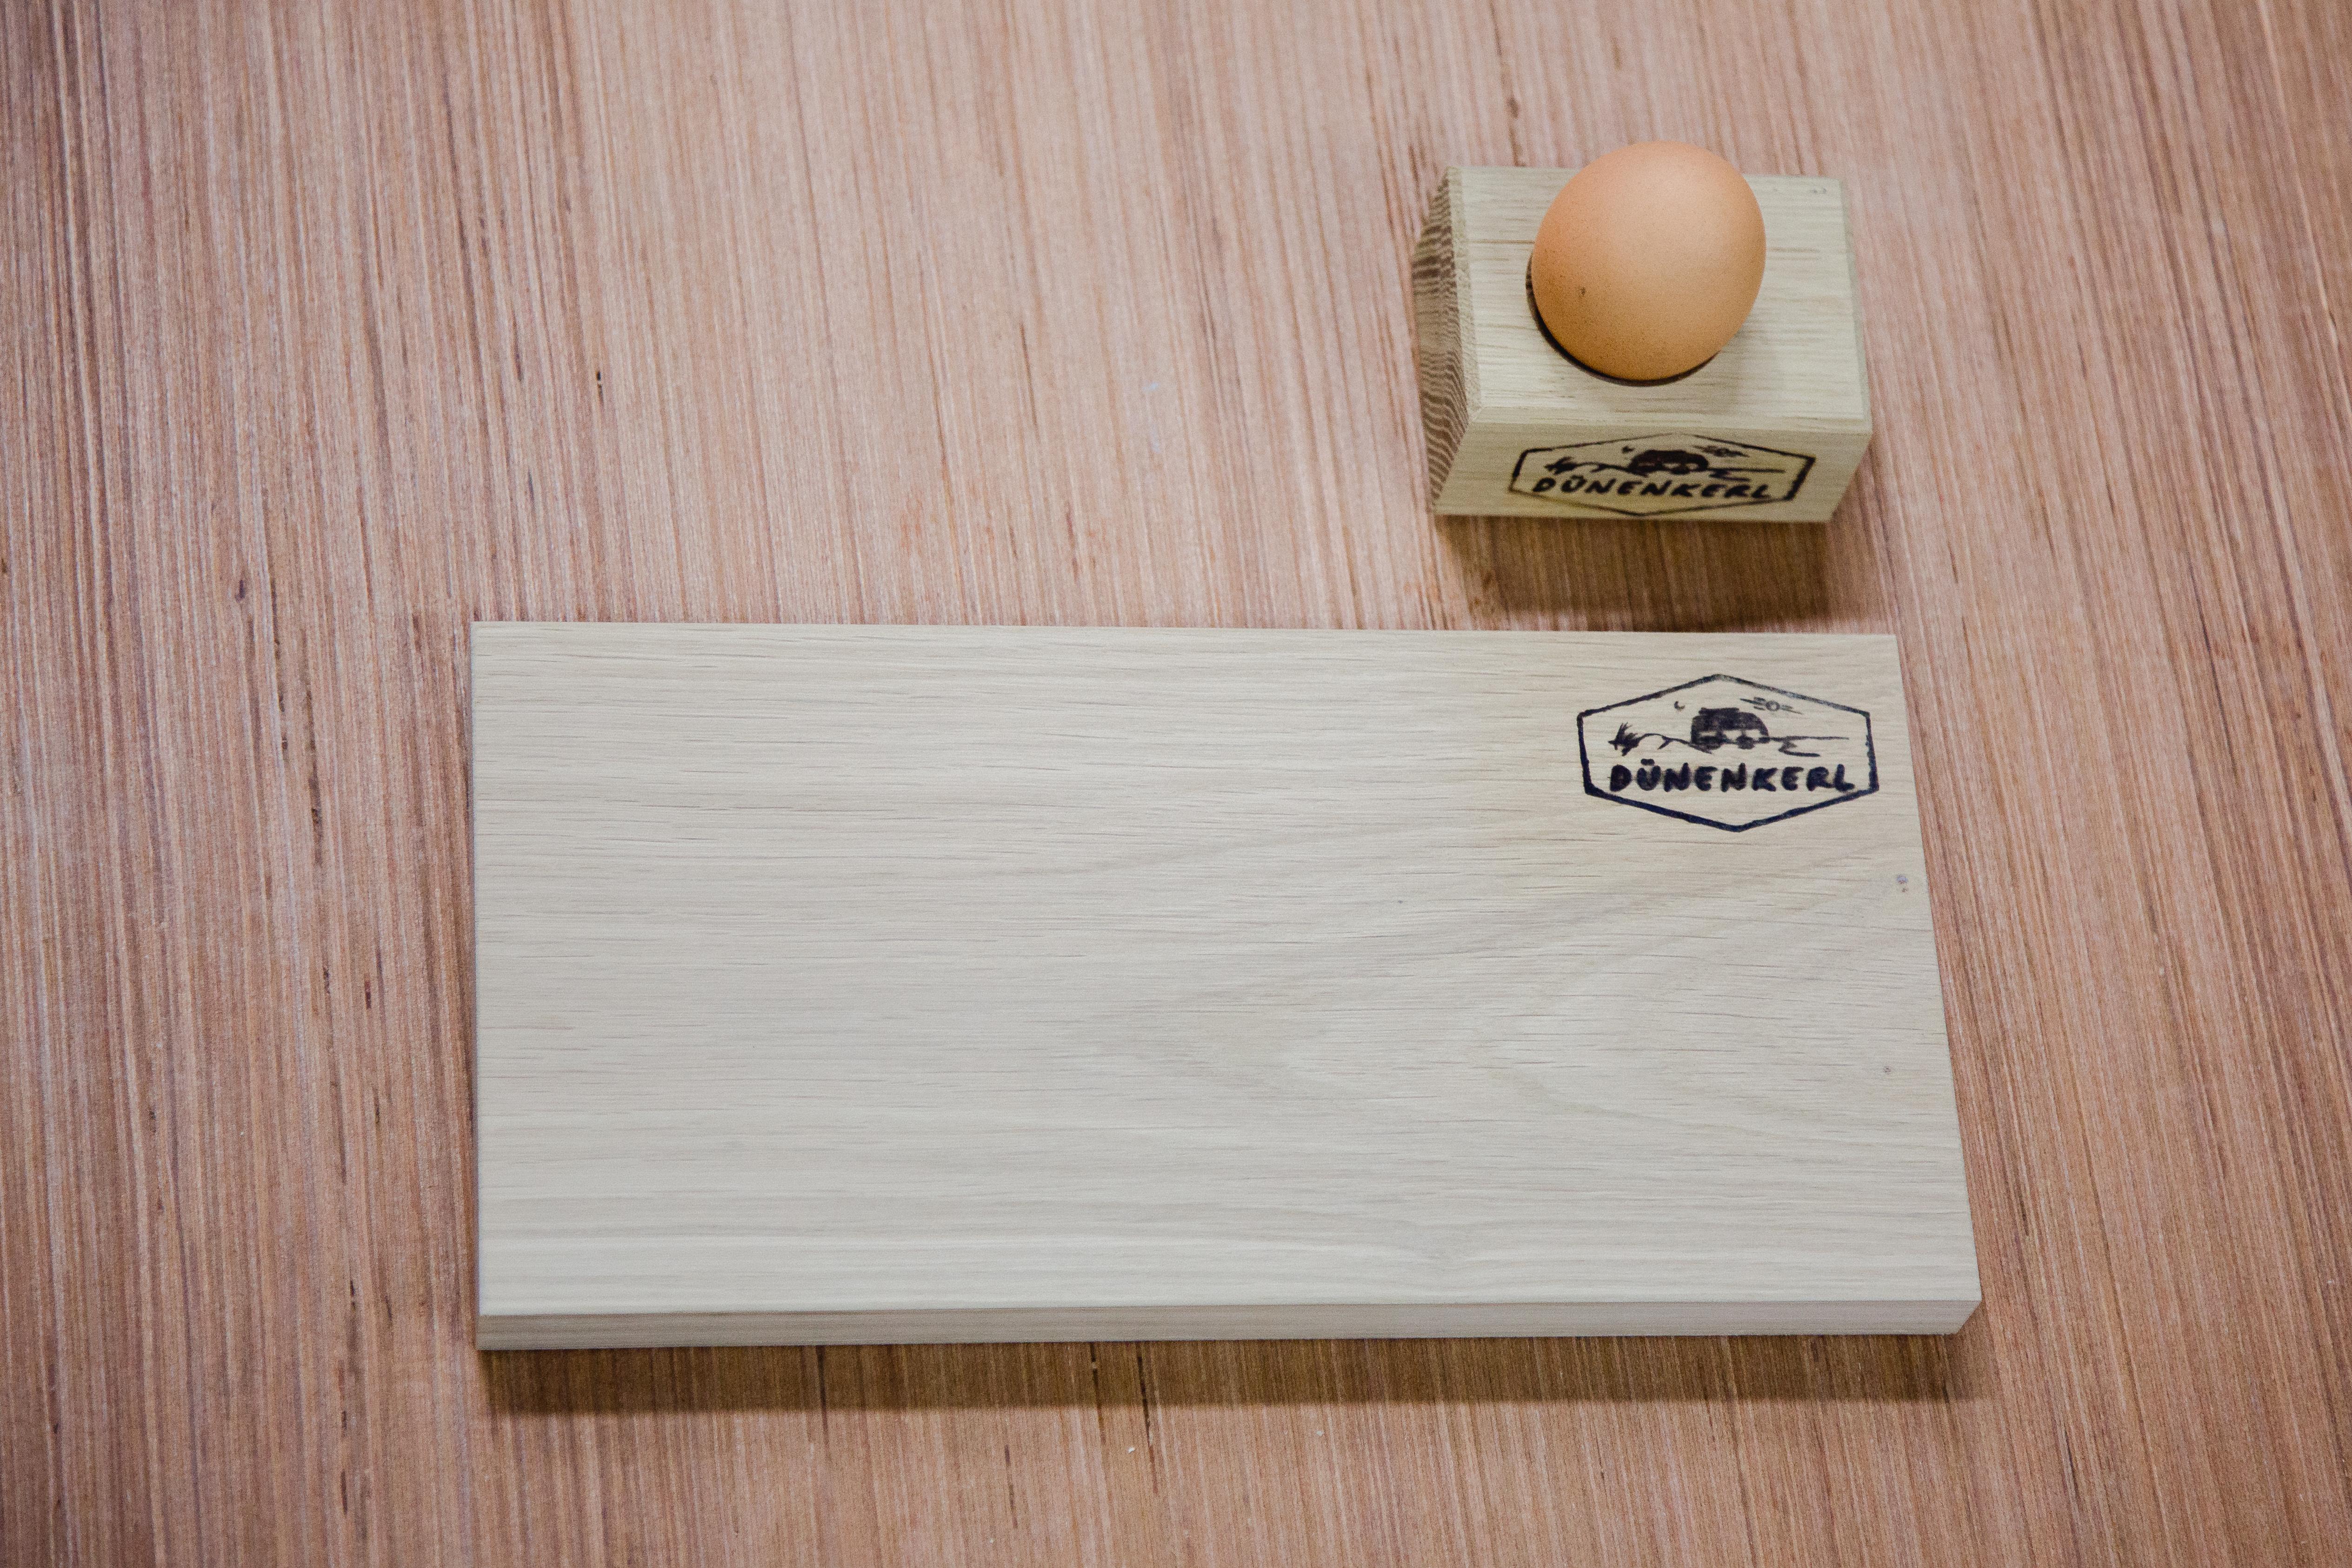 Frühstücksbrett plus Eierbecher – Duenenkerl